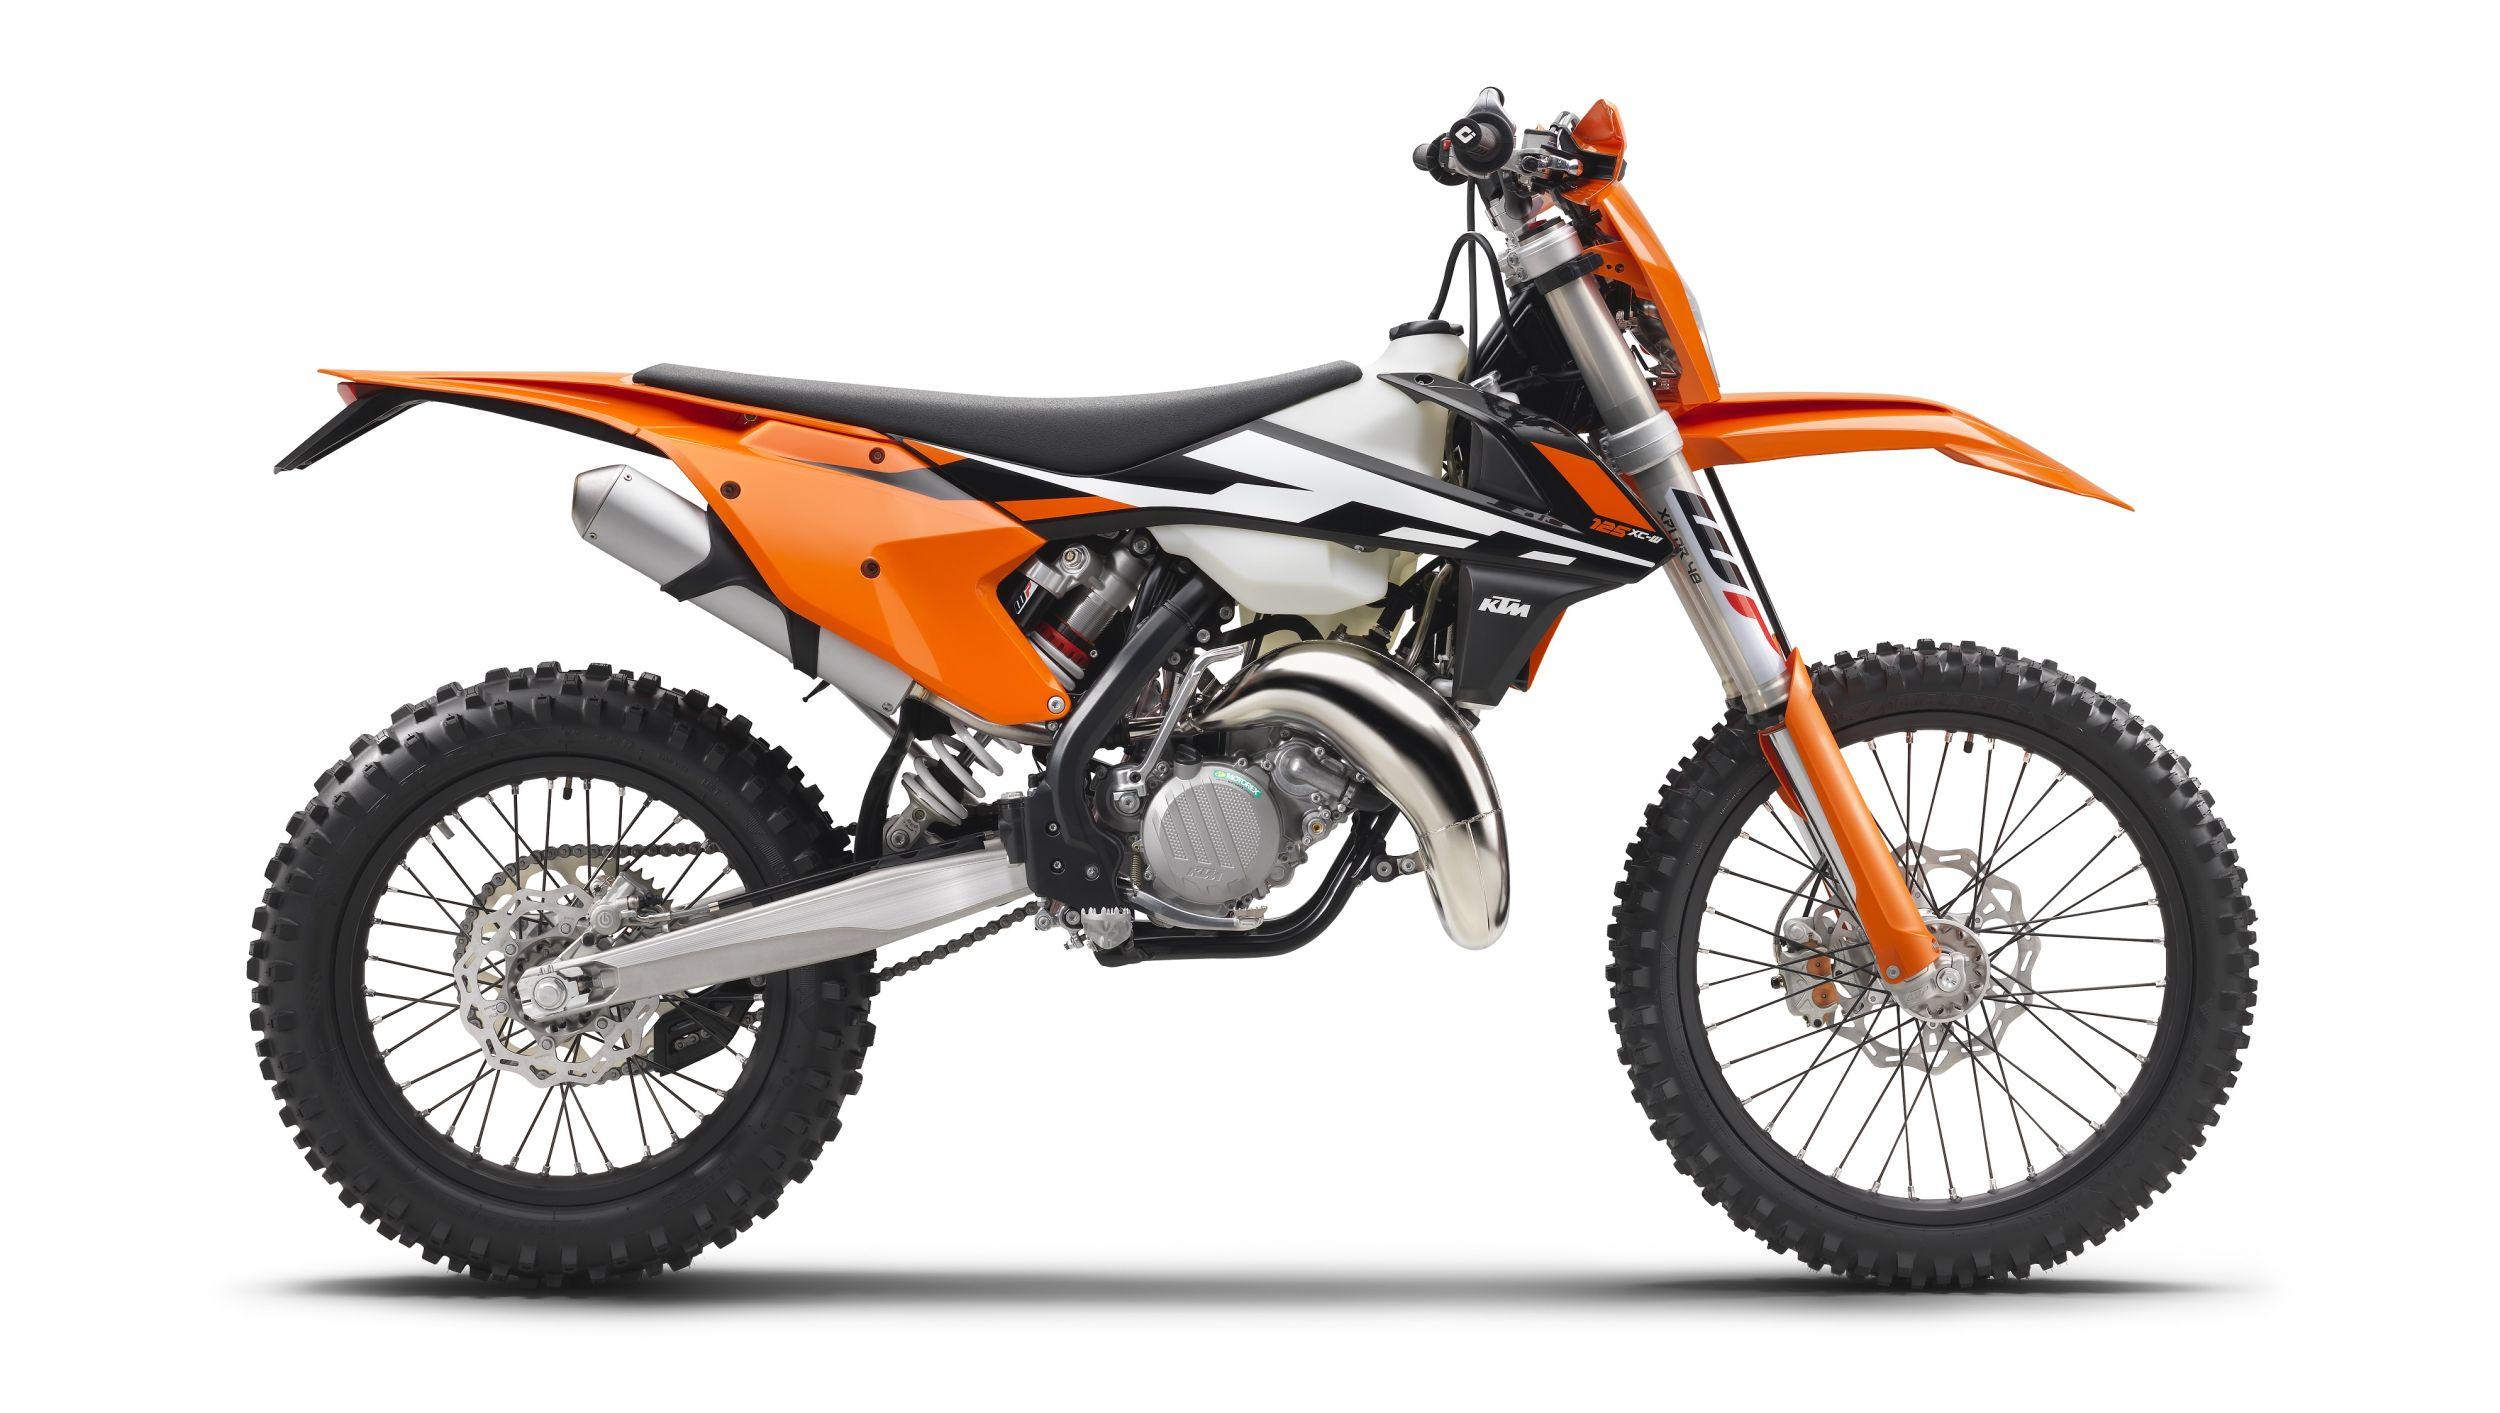 Ktm Freeride E Sm >> Gebrauchte KTM 125 XC-W Motorräder kaufen